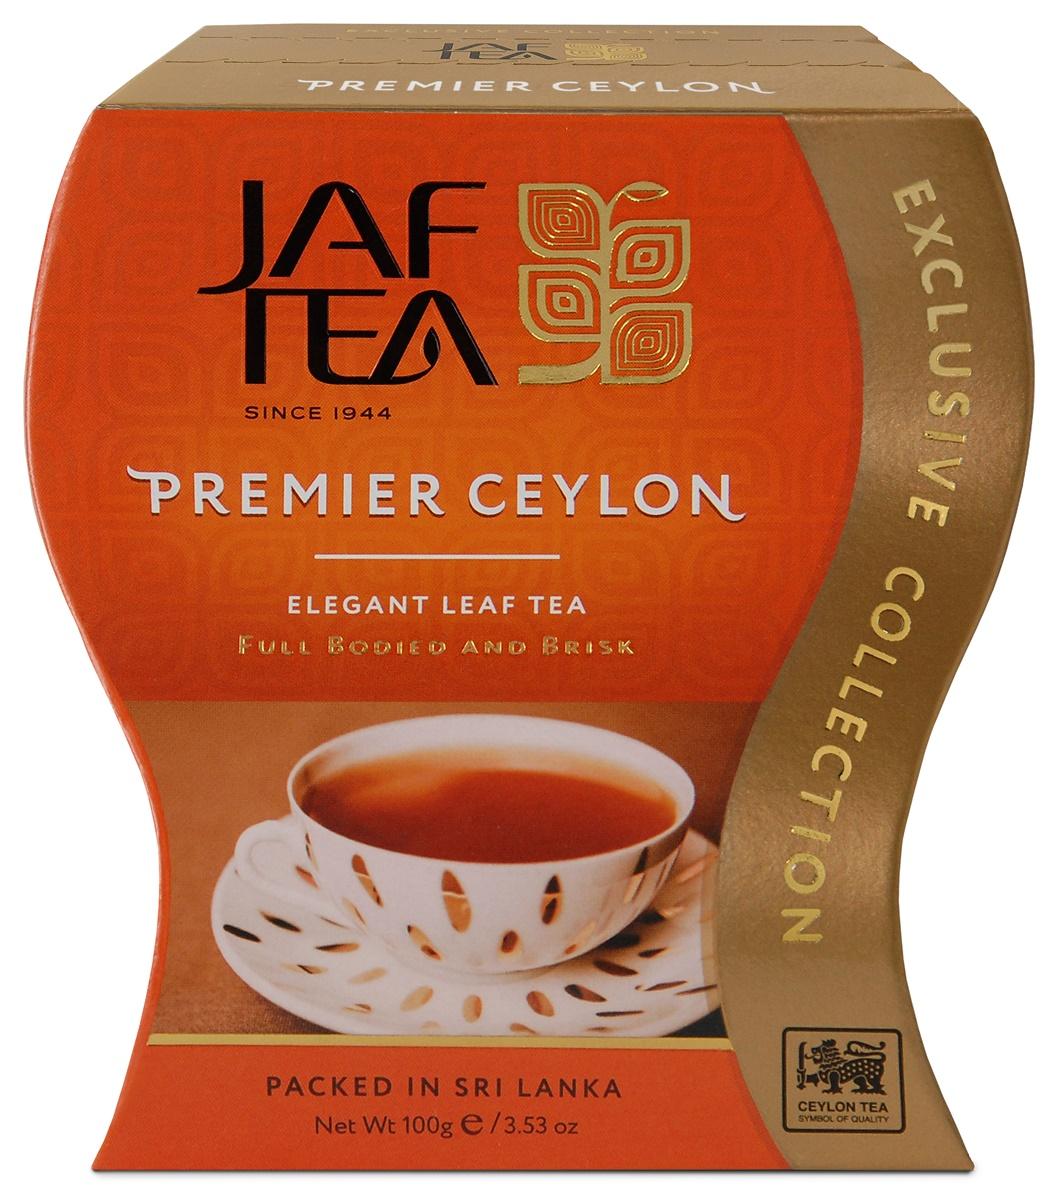 цена на Jaf Tea Premier Ceylon сорт FBOP чай черный листовой, 100 г